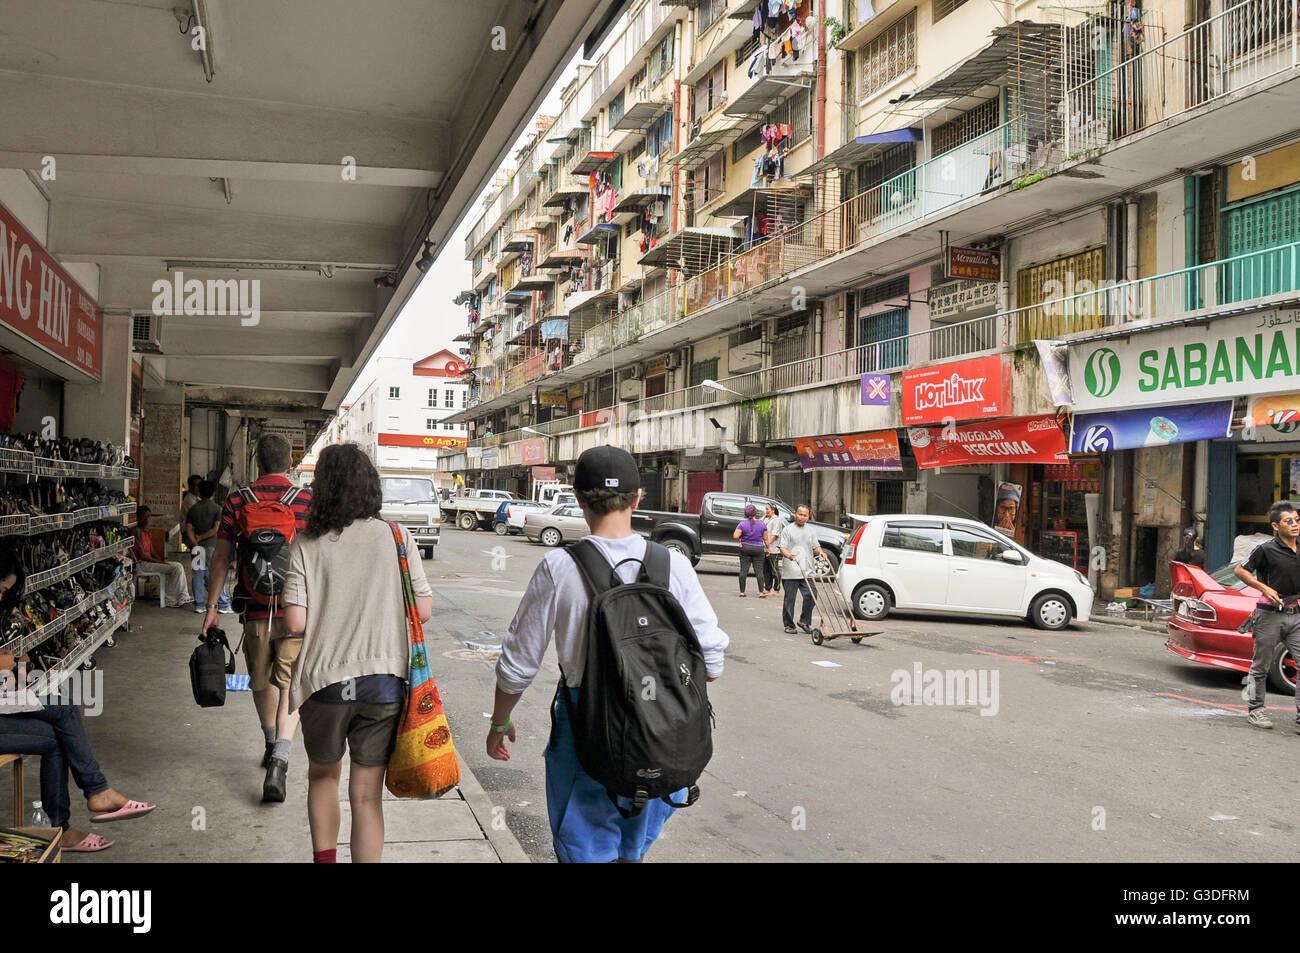 caucasian tourists walking through the town of Sandakan, Sabah, Borneo, Malaysia - Stock Image